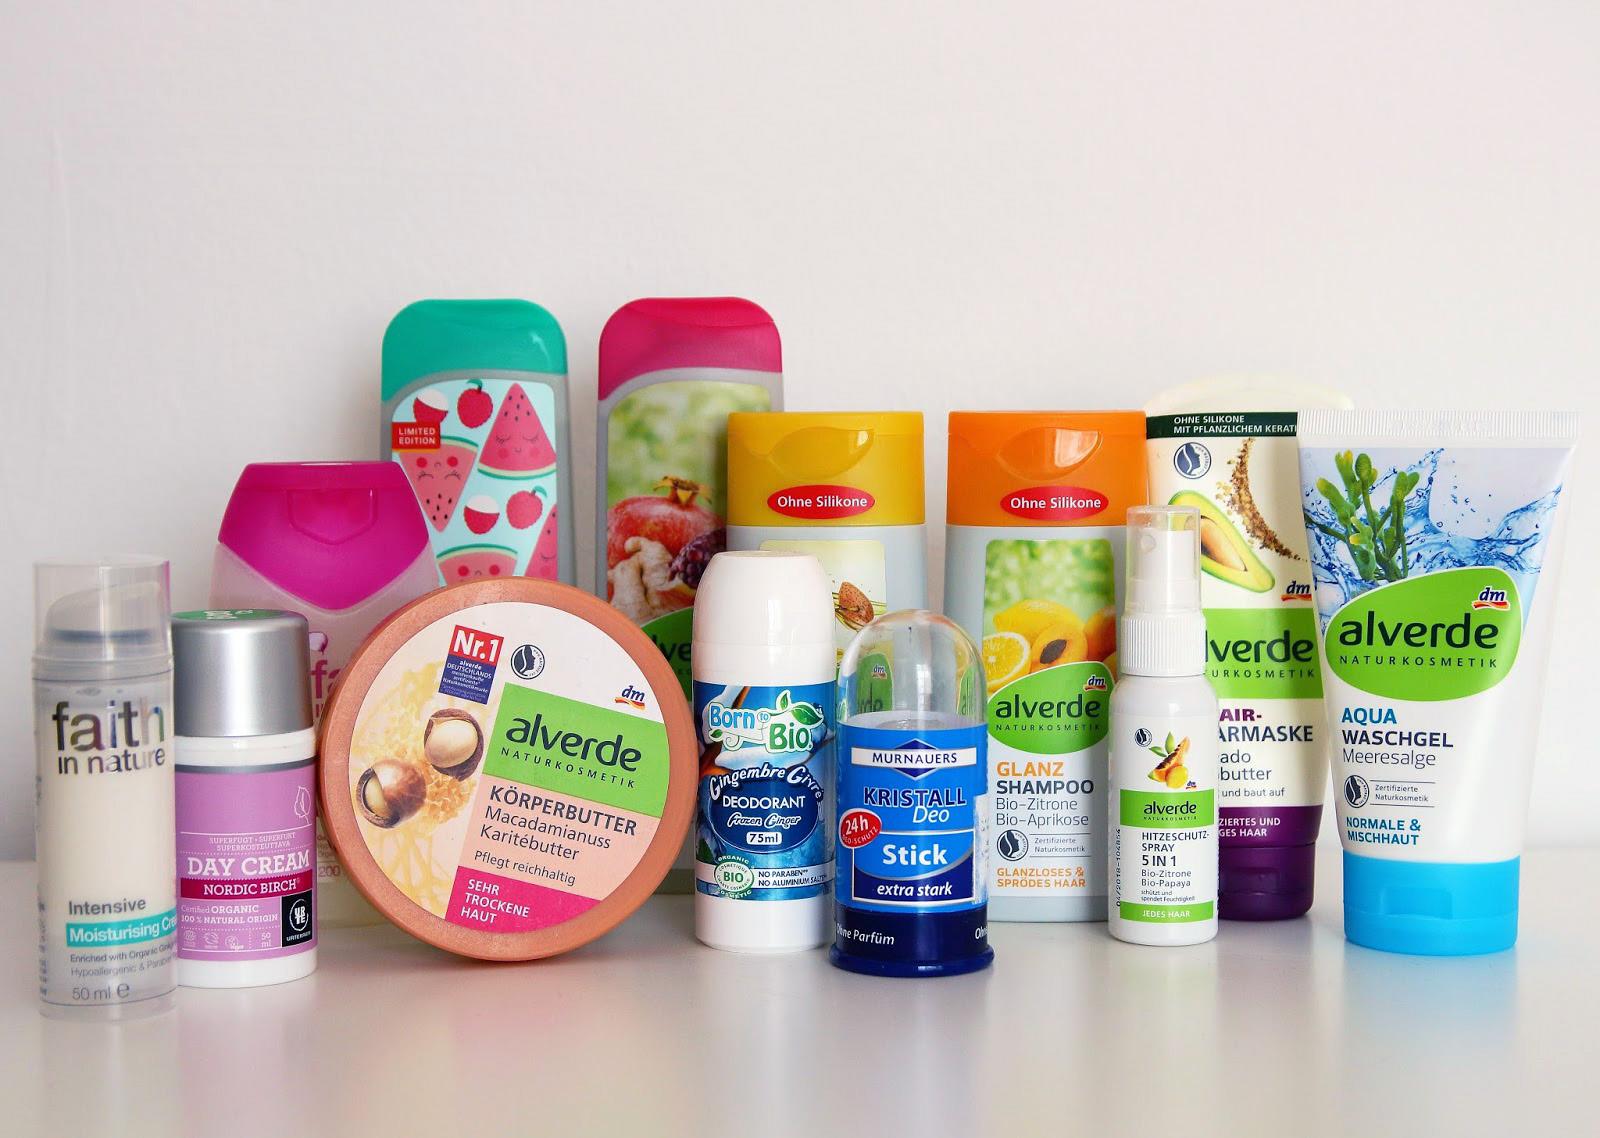 Kosmetika - certifikáty, složení